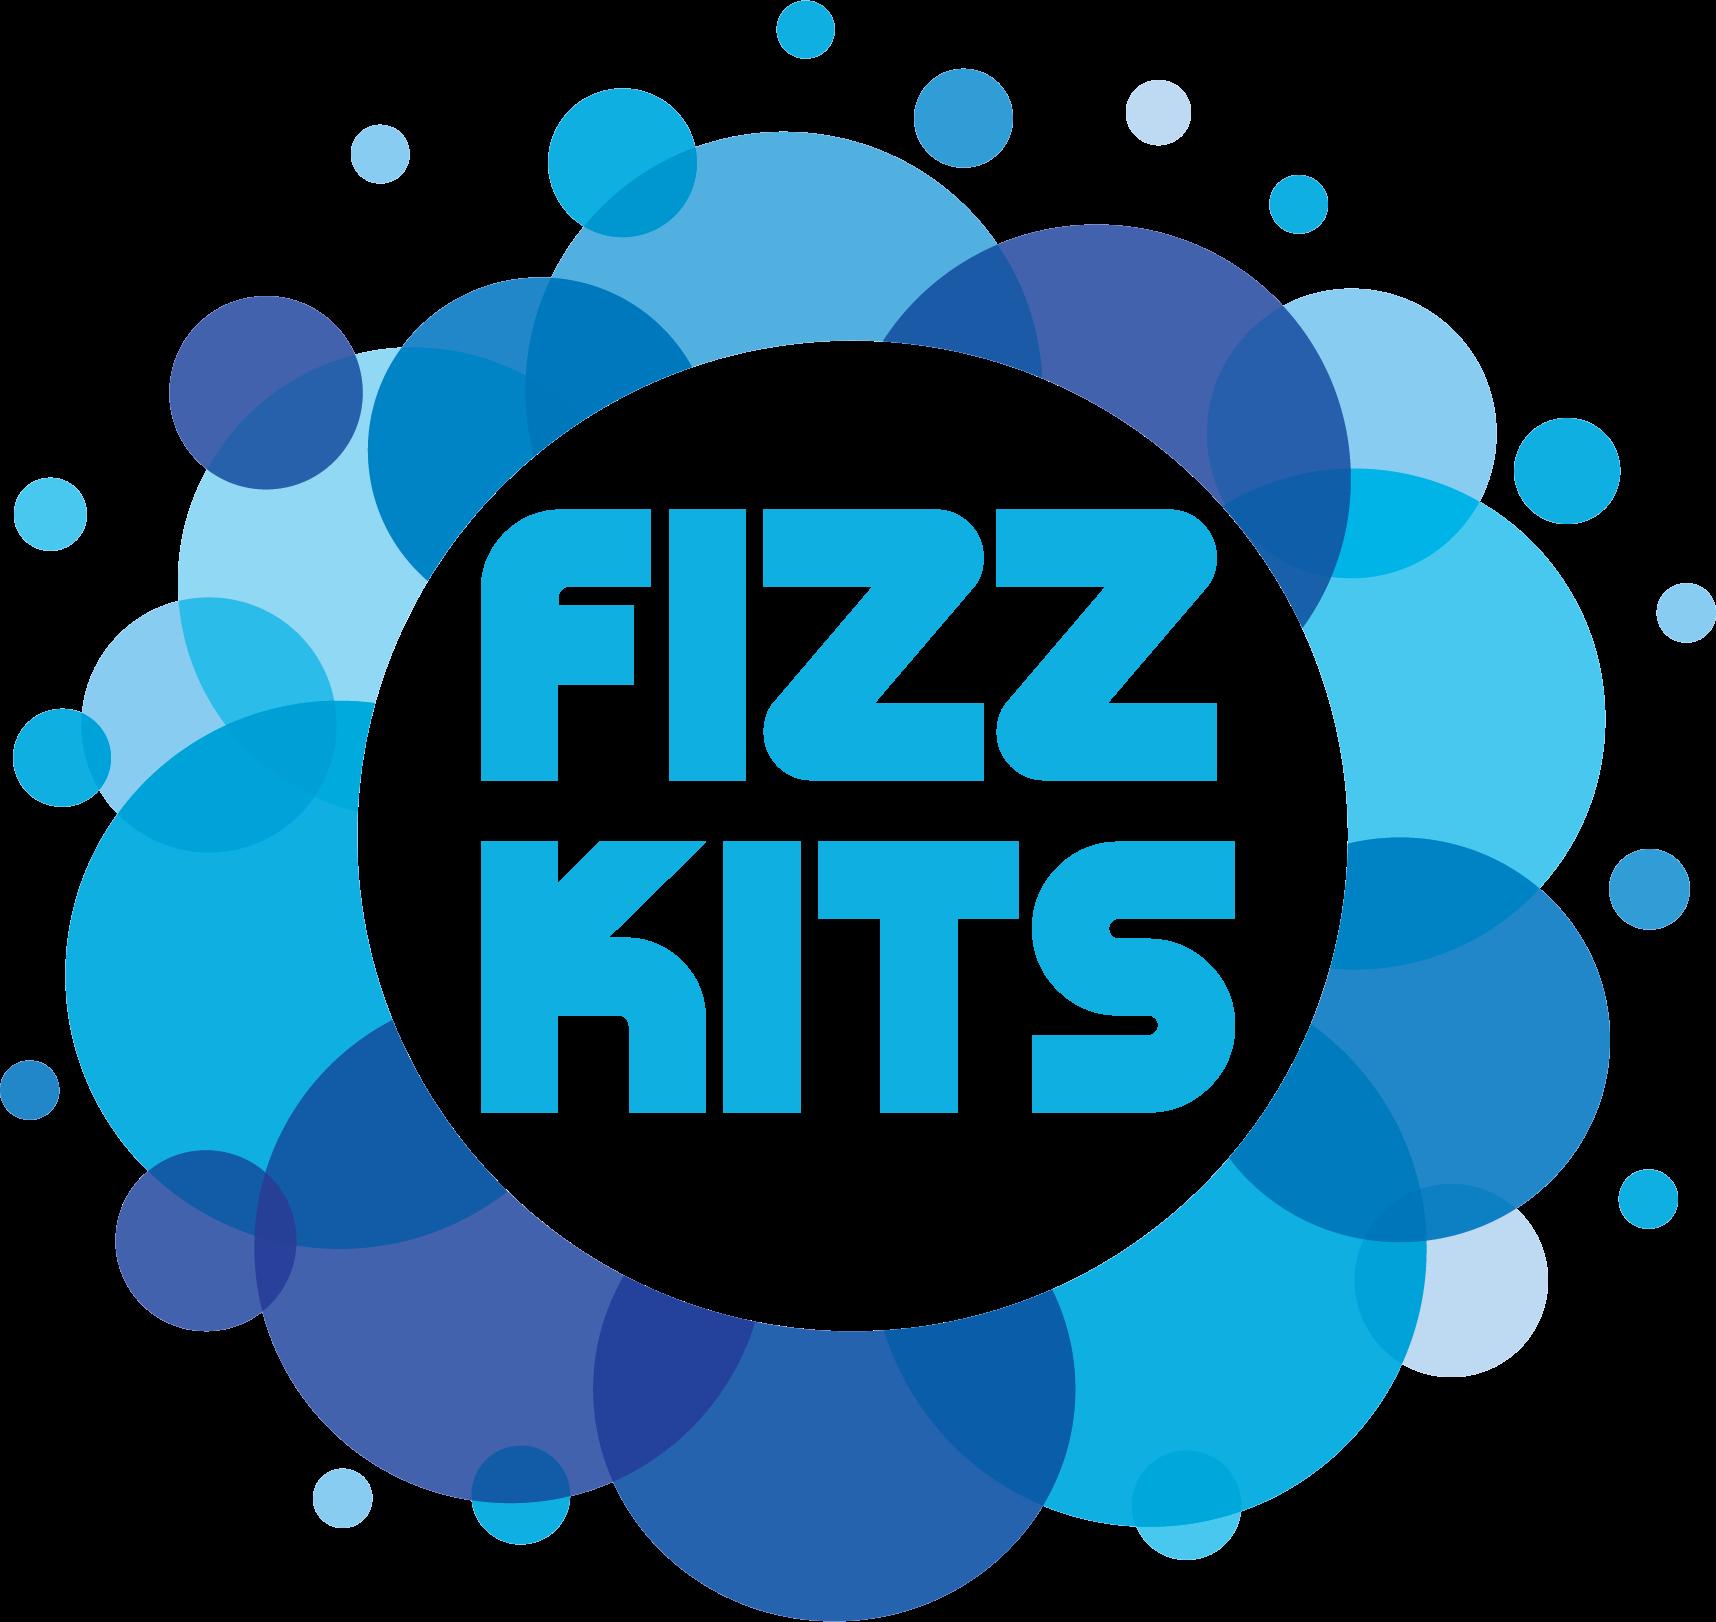 fizz-kits-logo.png